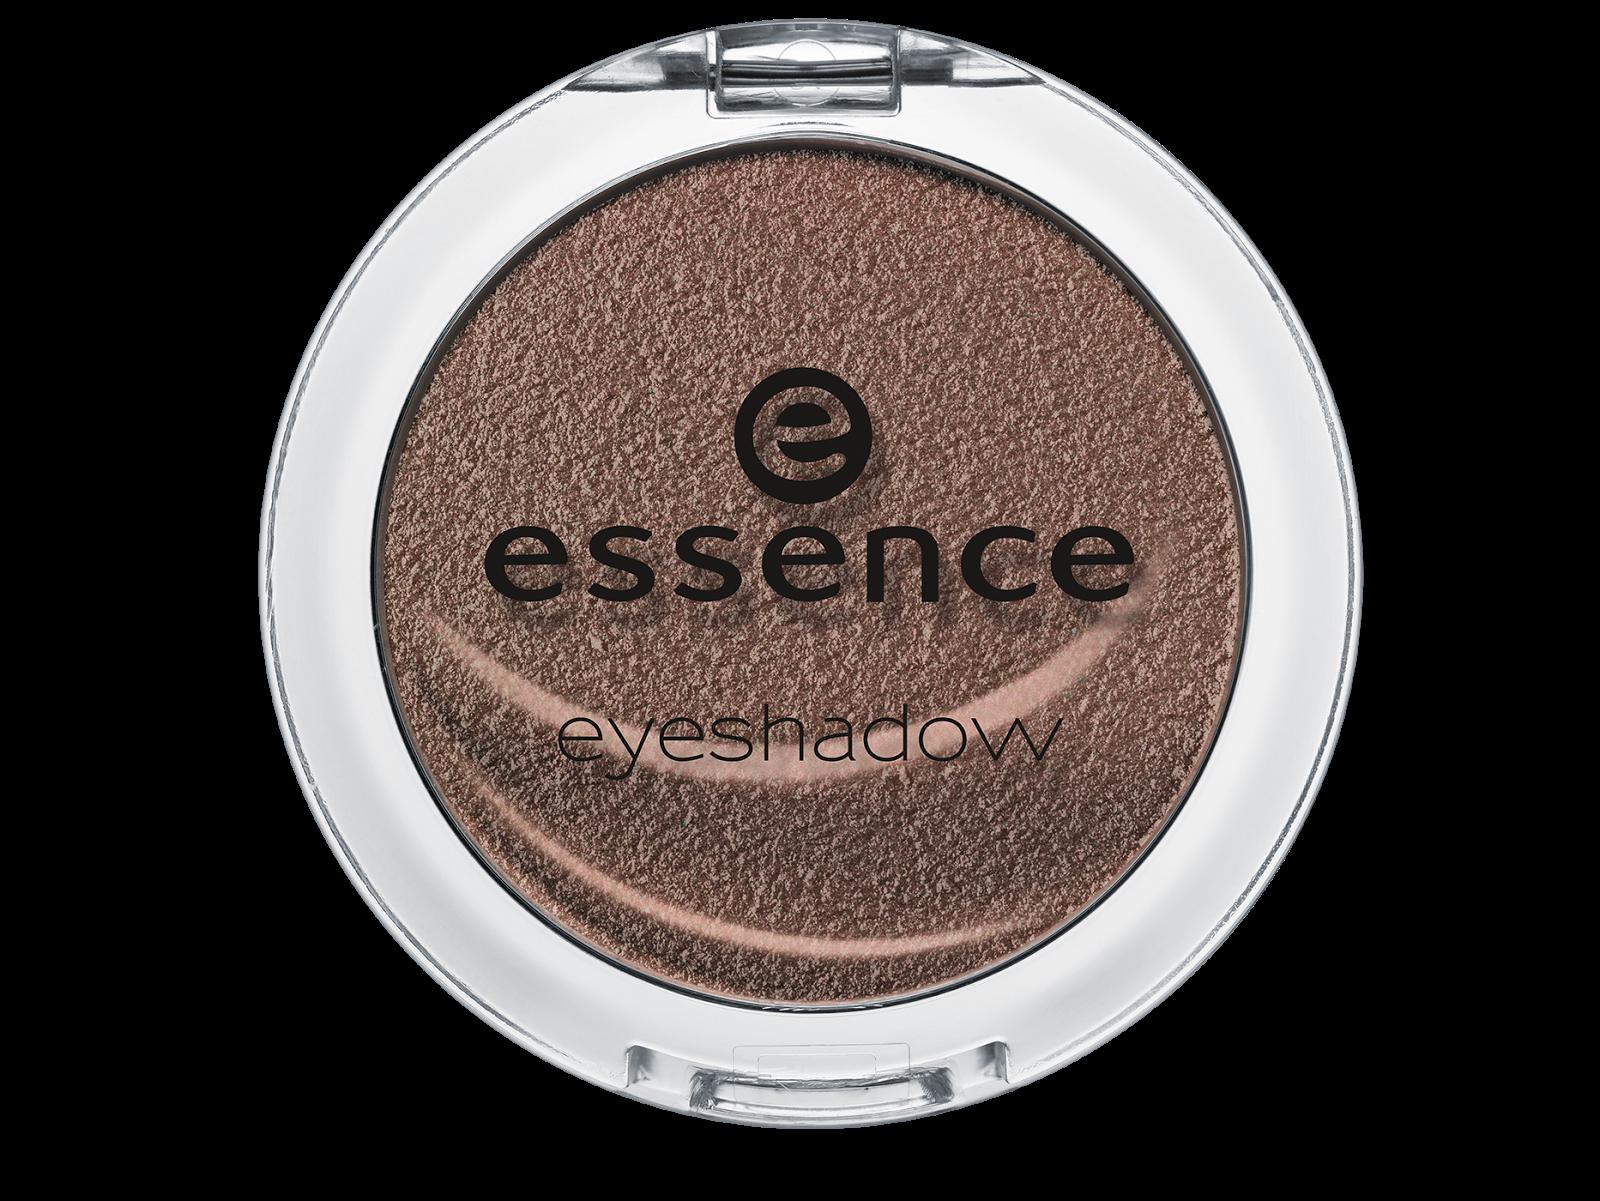 Essence mono eyeshadow – Relaunch